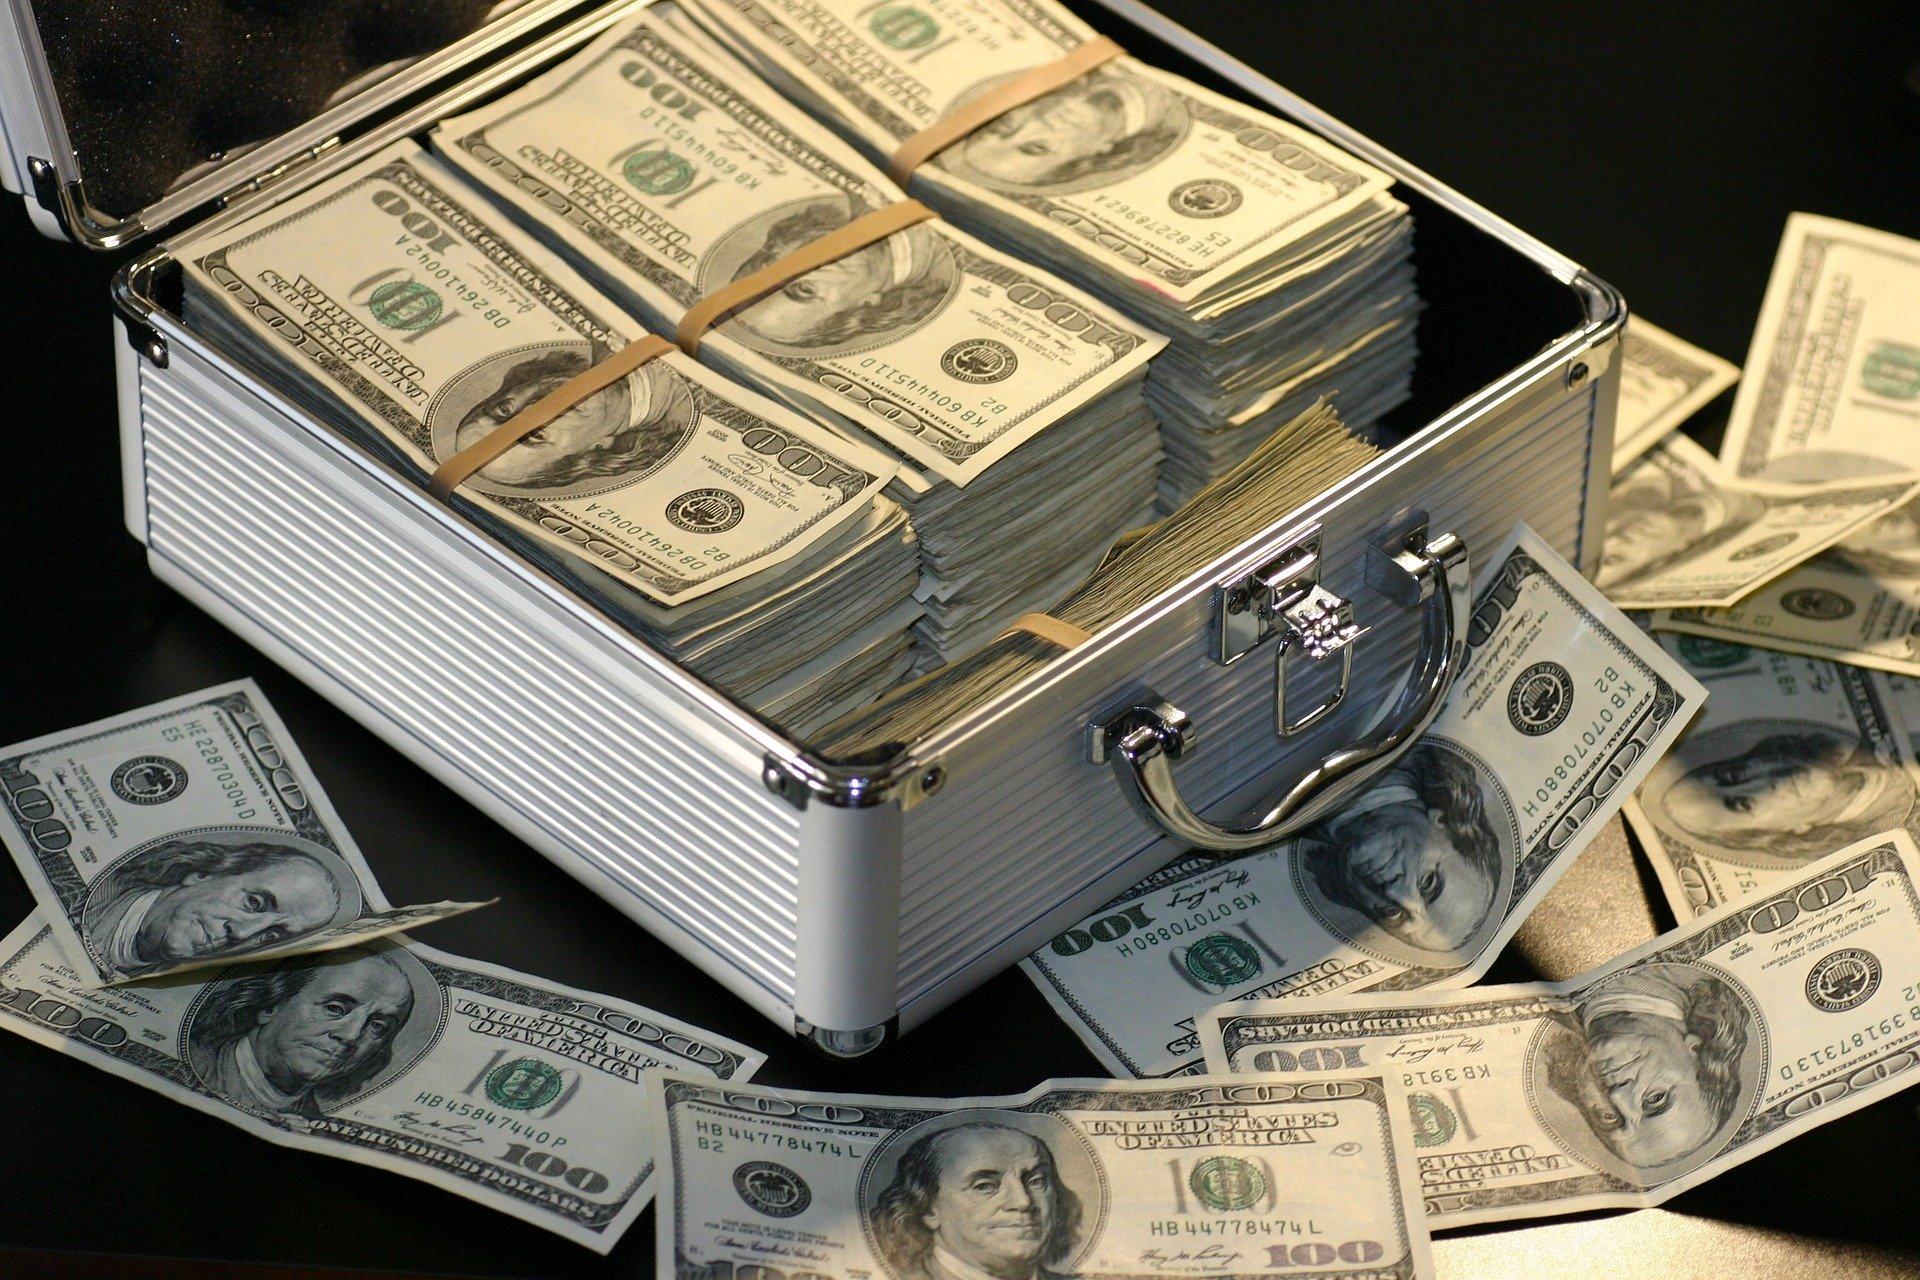 デコウトミリ、実家、お金持ち